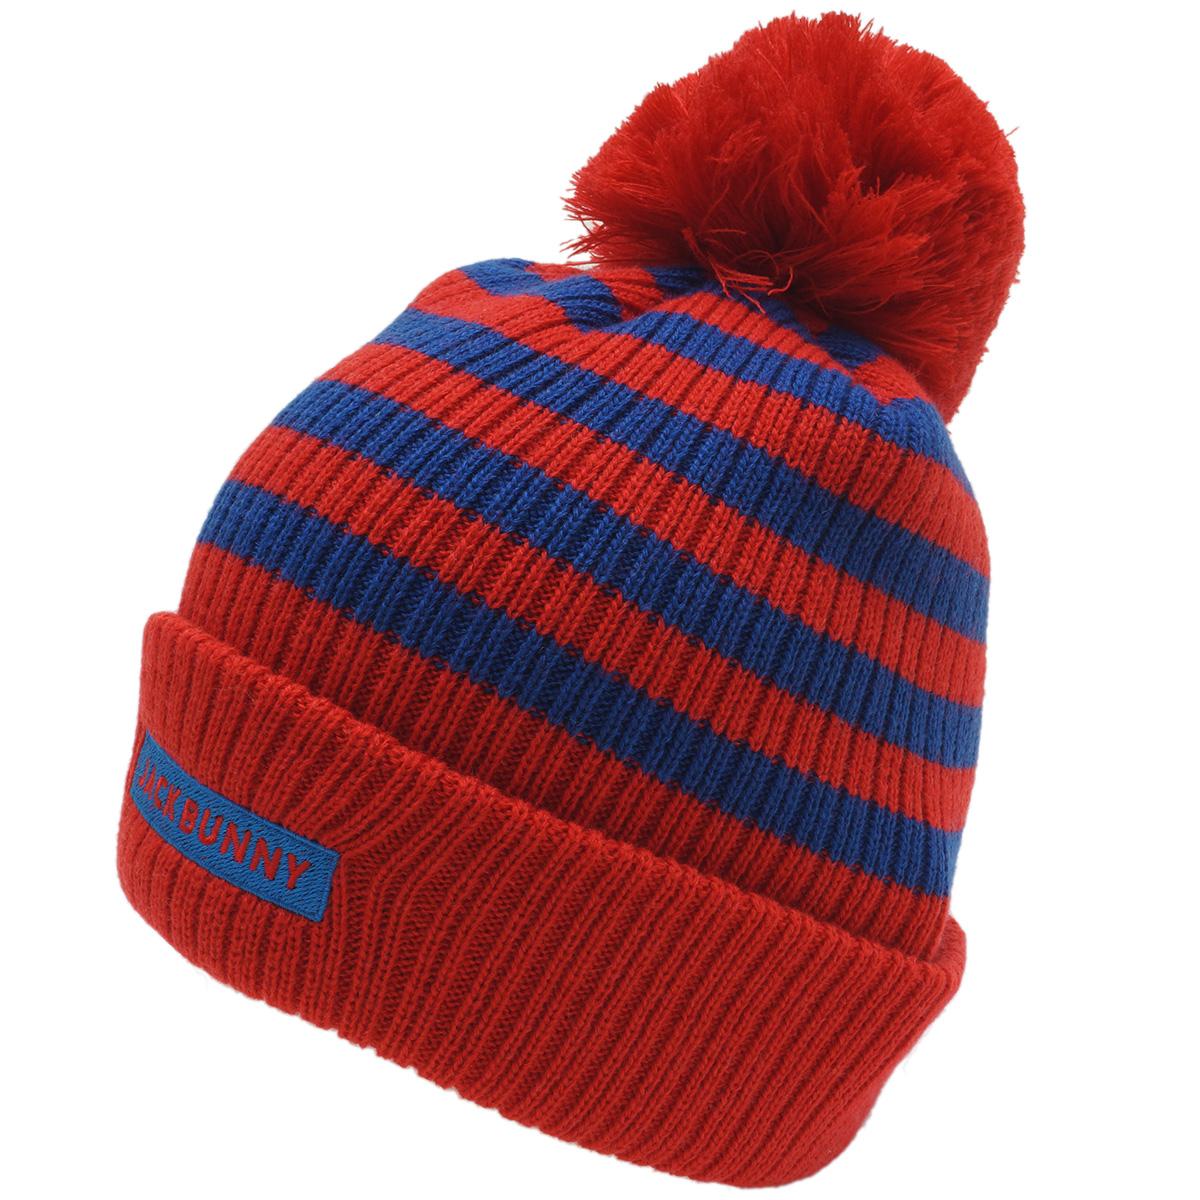 ボンボン付き ボーダーニット帽